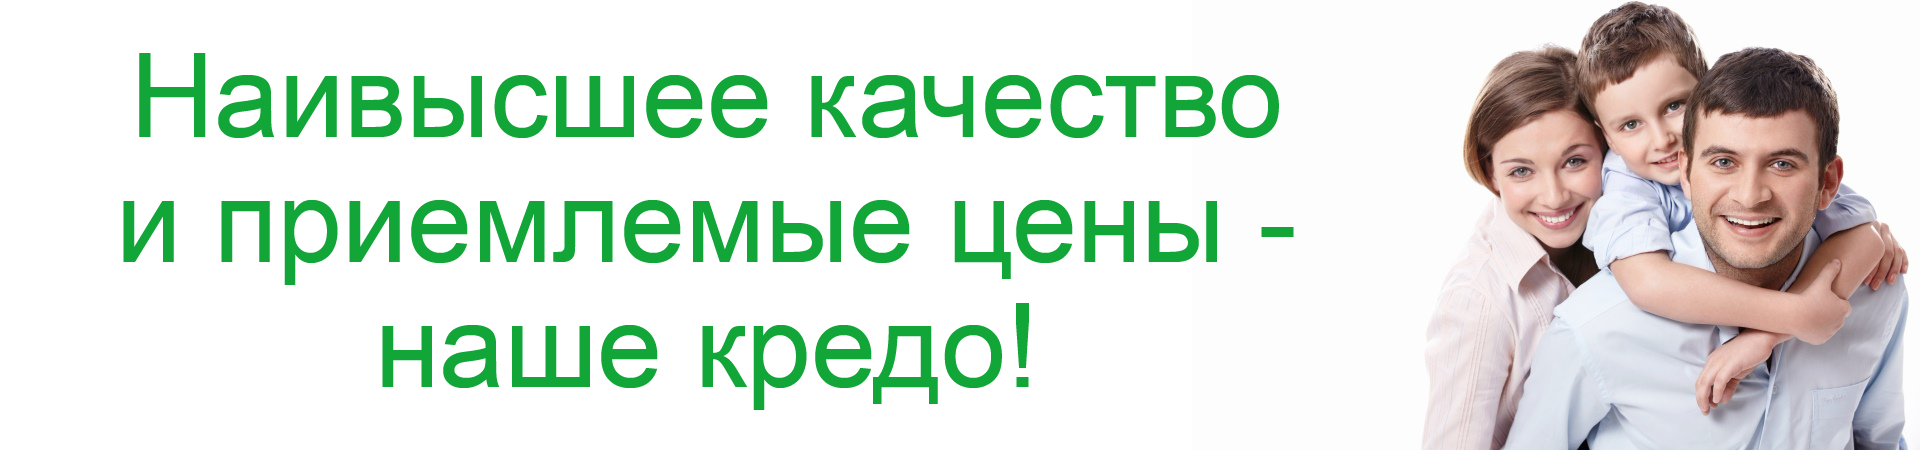 Качественная стоматология в г. Подольск